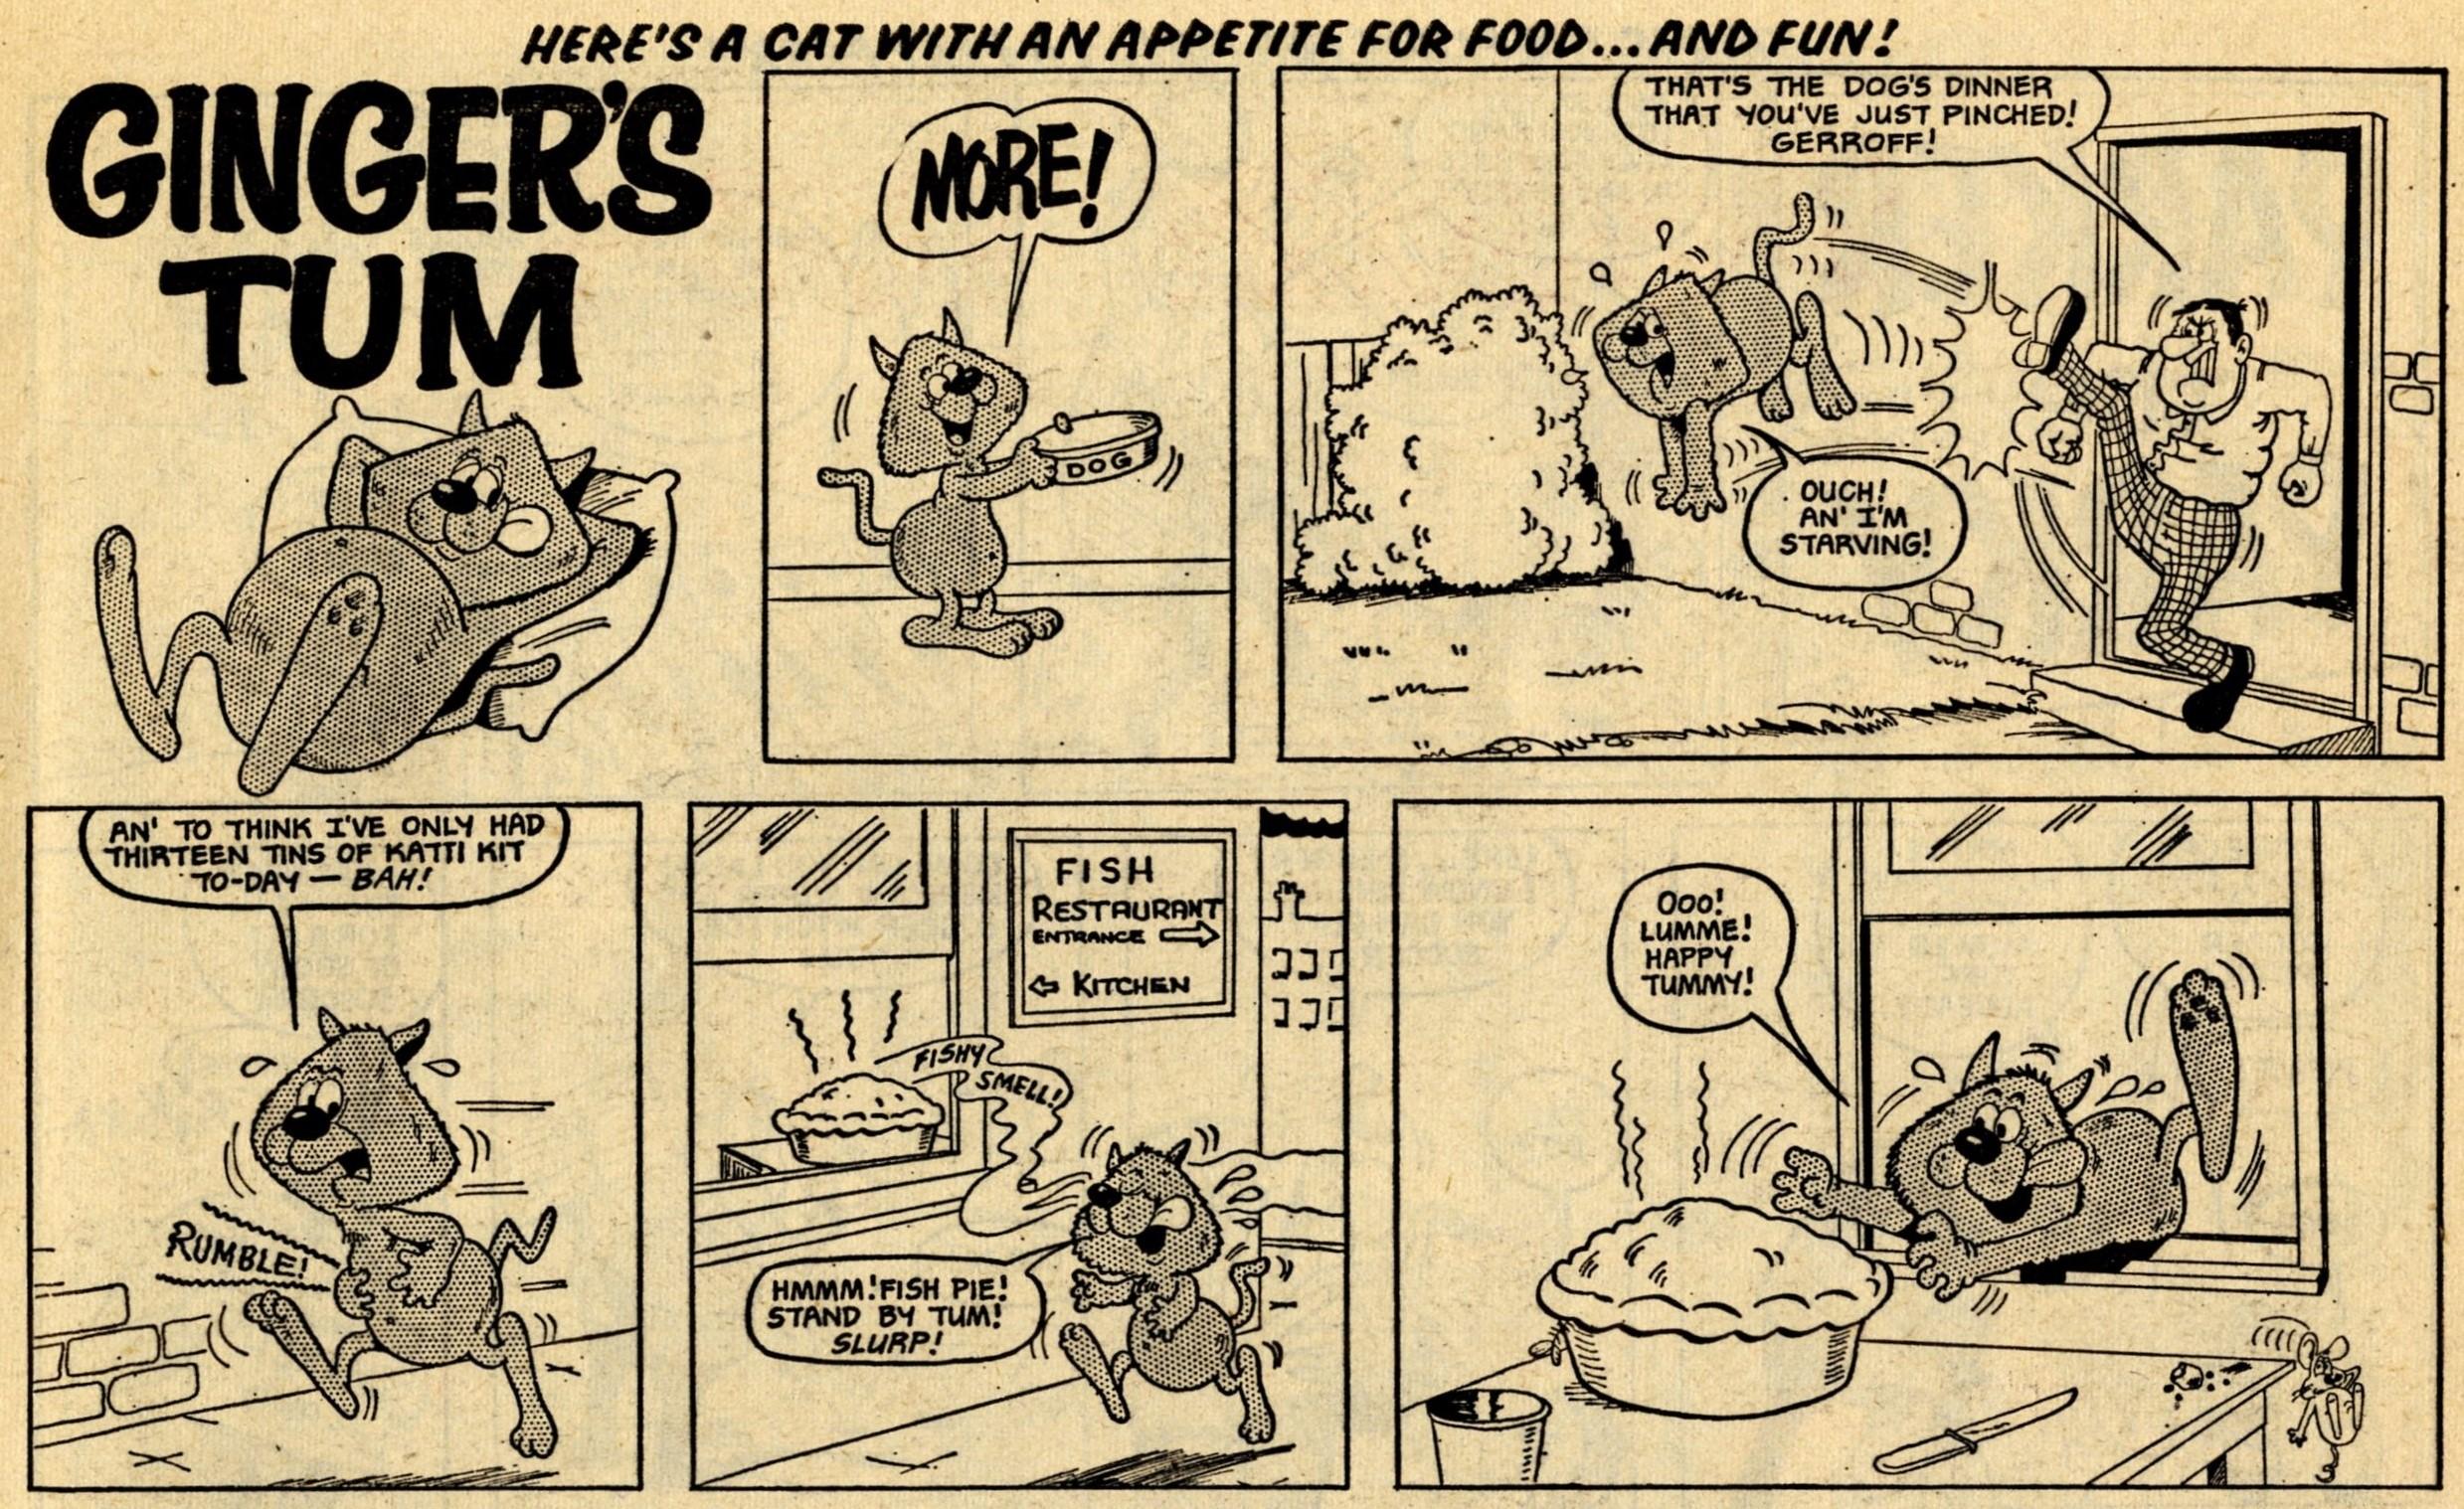 Ginger's Tum: Terry Bave (artist)